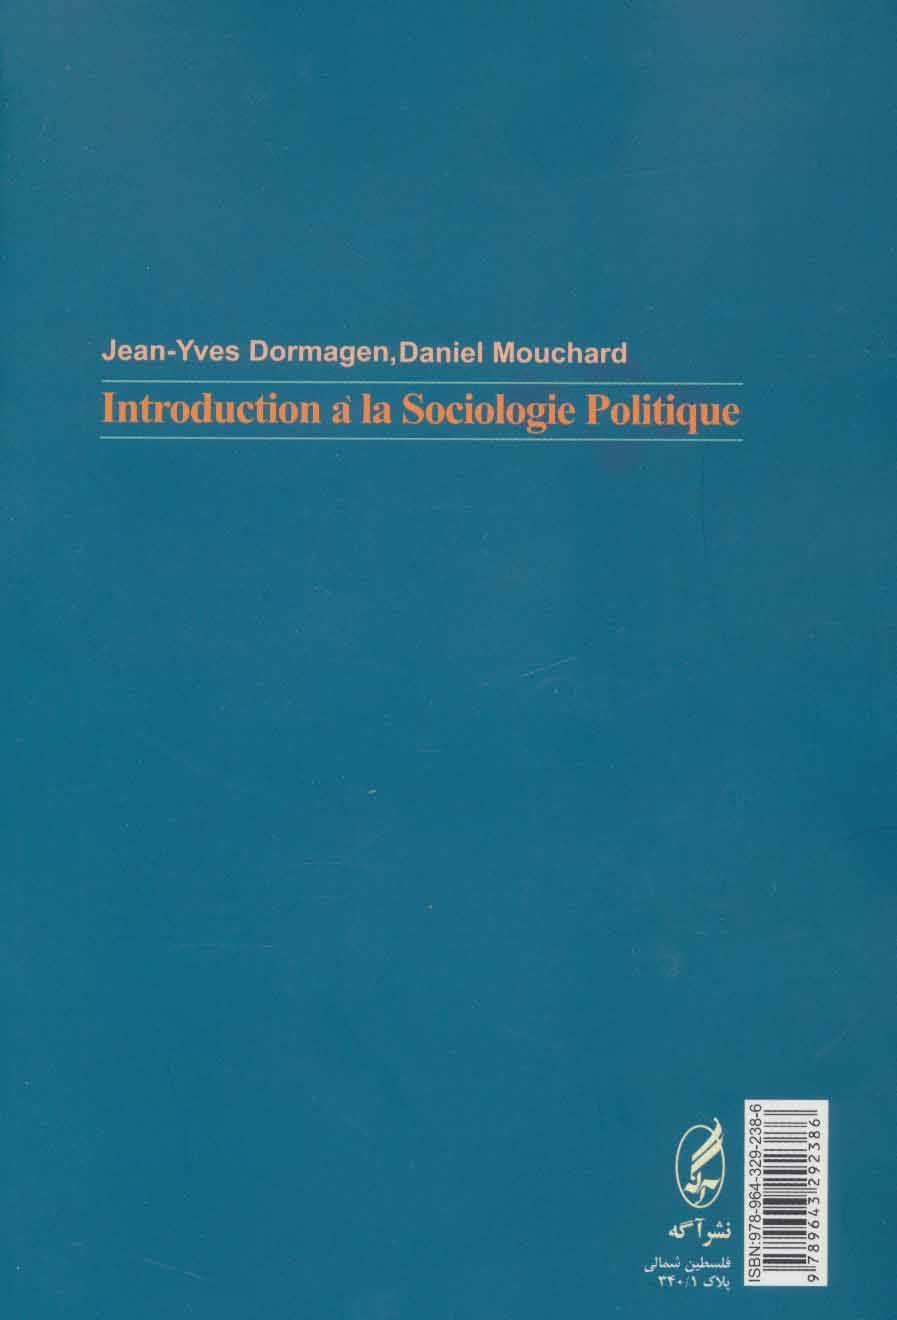 مبانی جامعه شناسی سیاسی